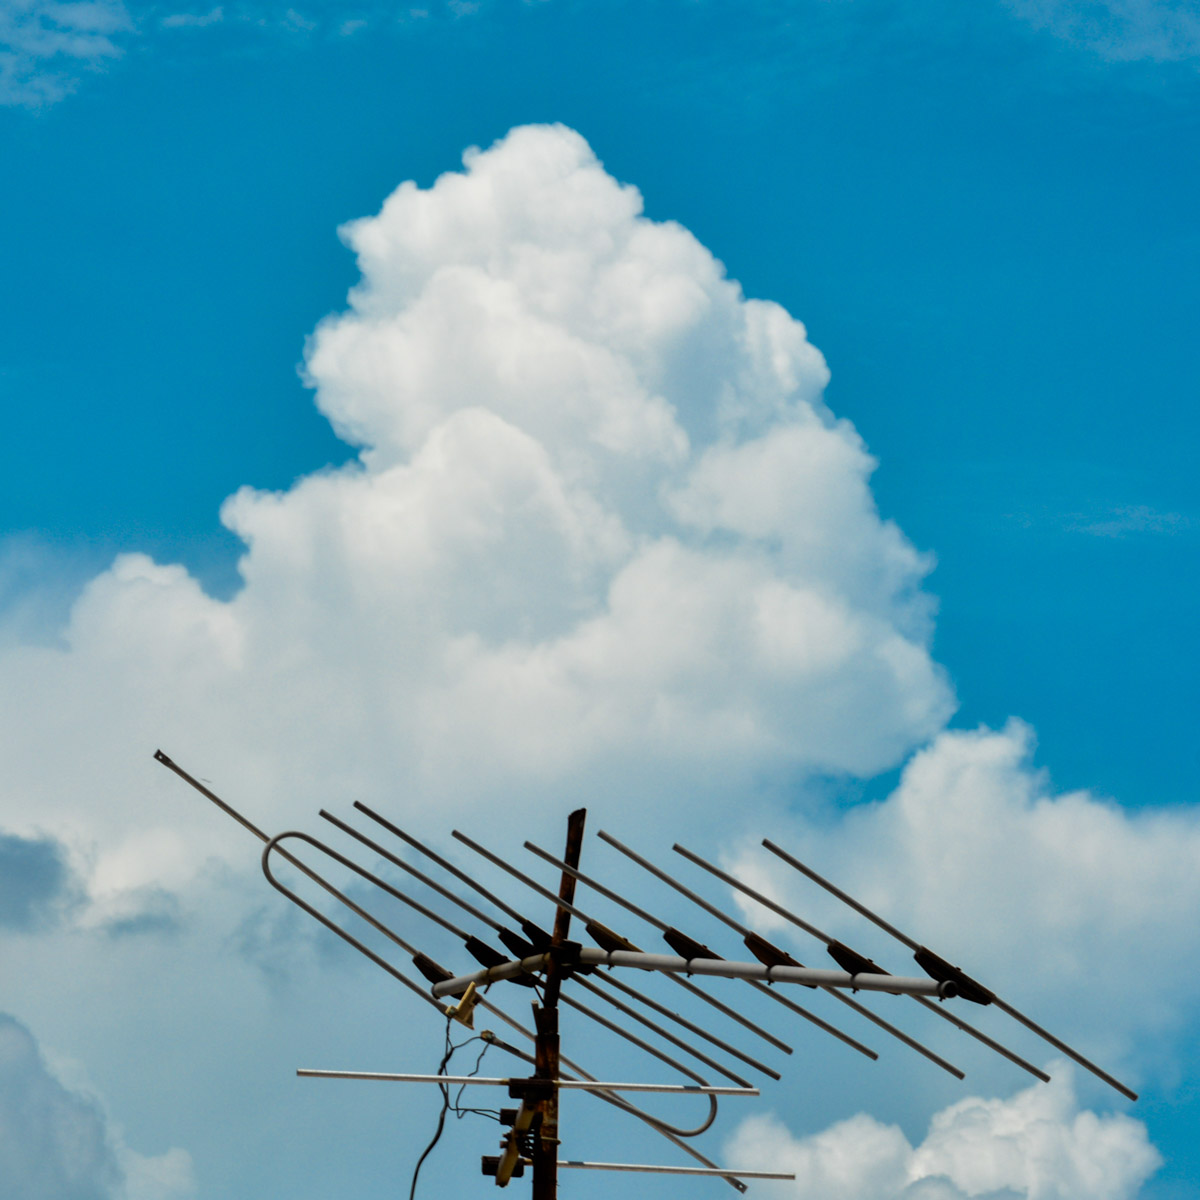 Photo couleur. Une antenne de télévision râteau se découpe sur un ciel bleu mais nuageux.